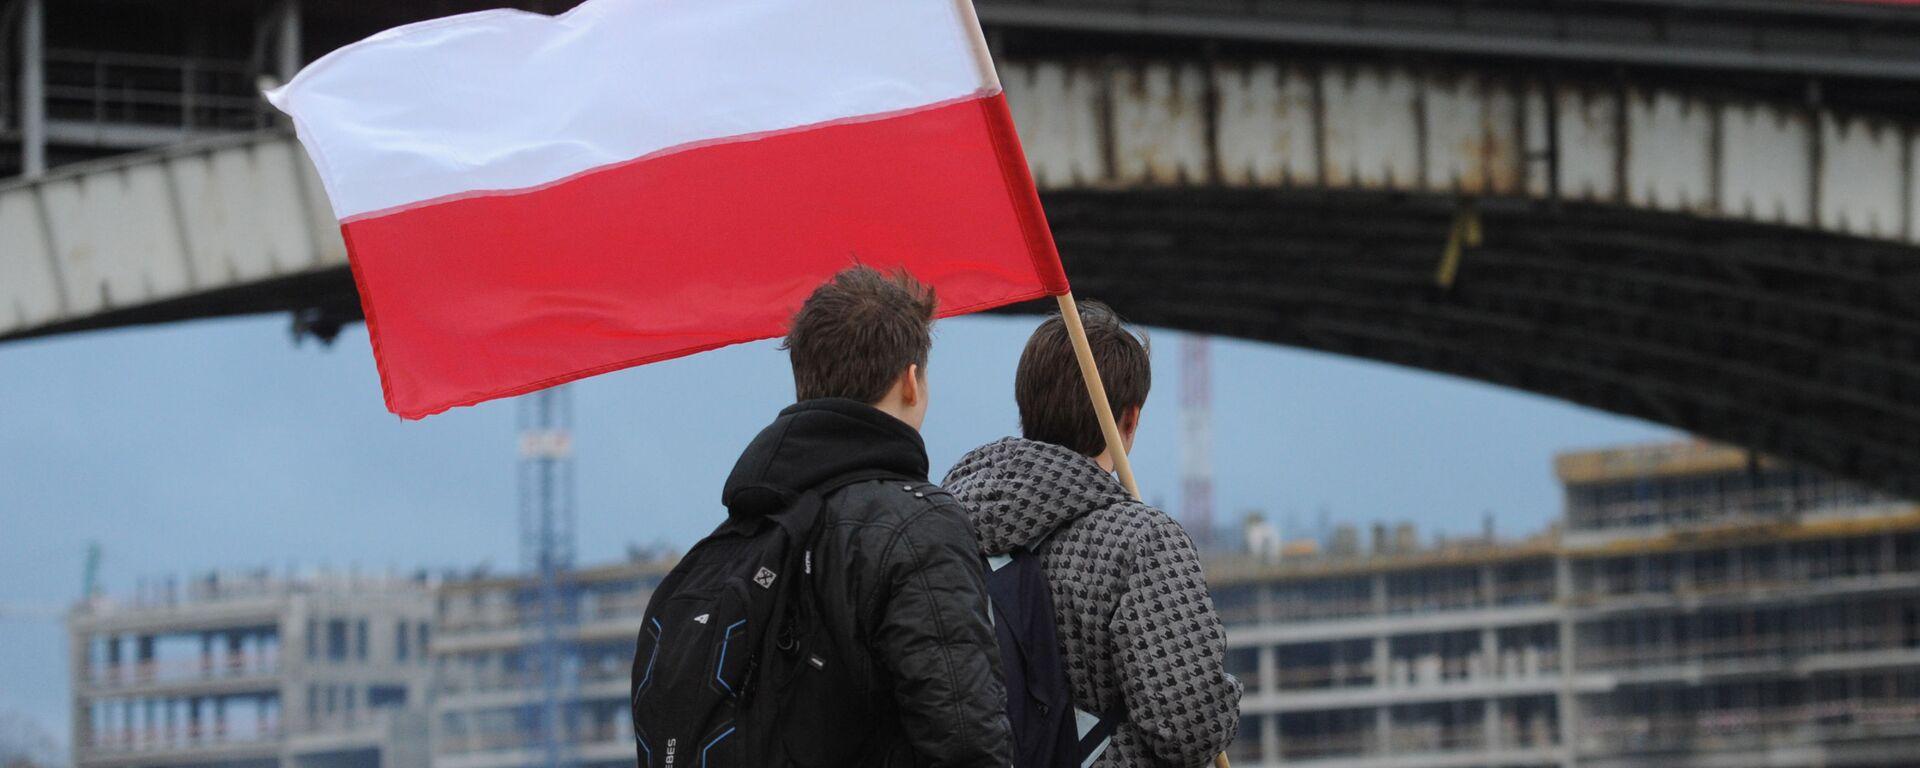 Flaga Polski w Warszawie - Sputnik Polska, 1920, 03.09.2021